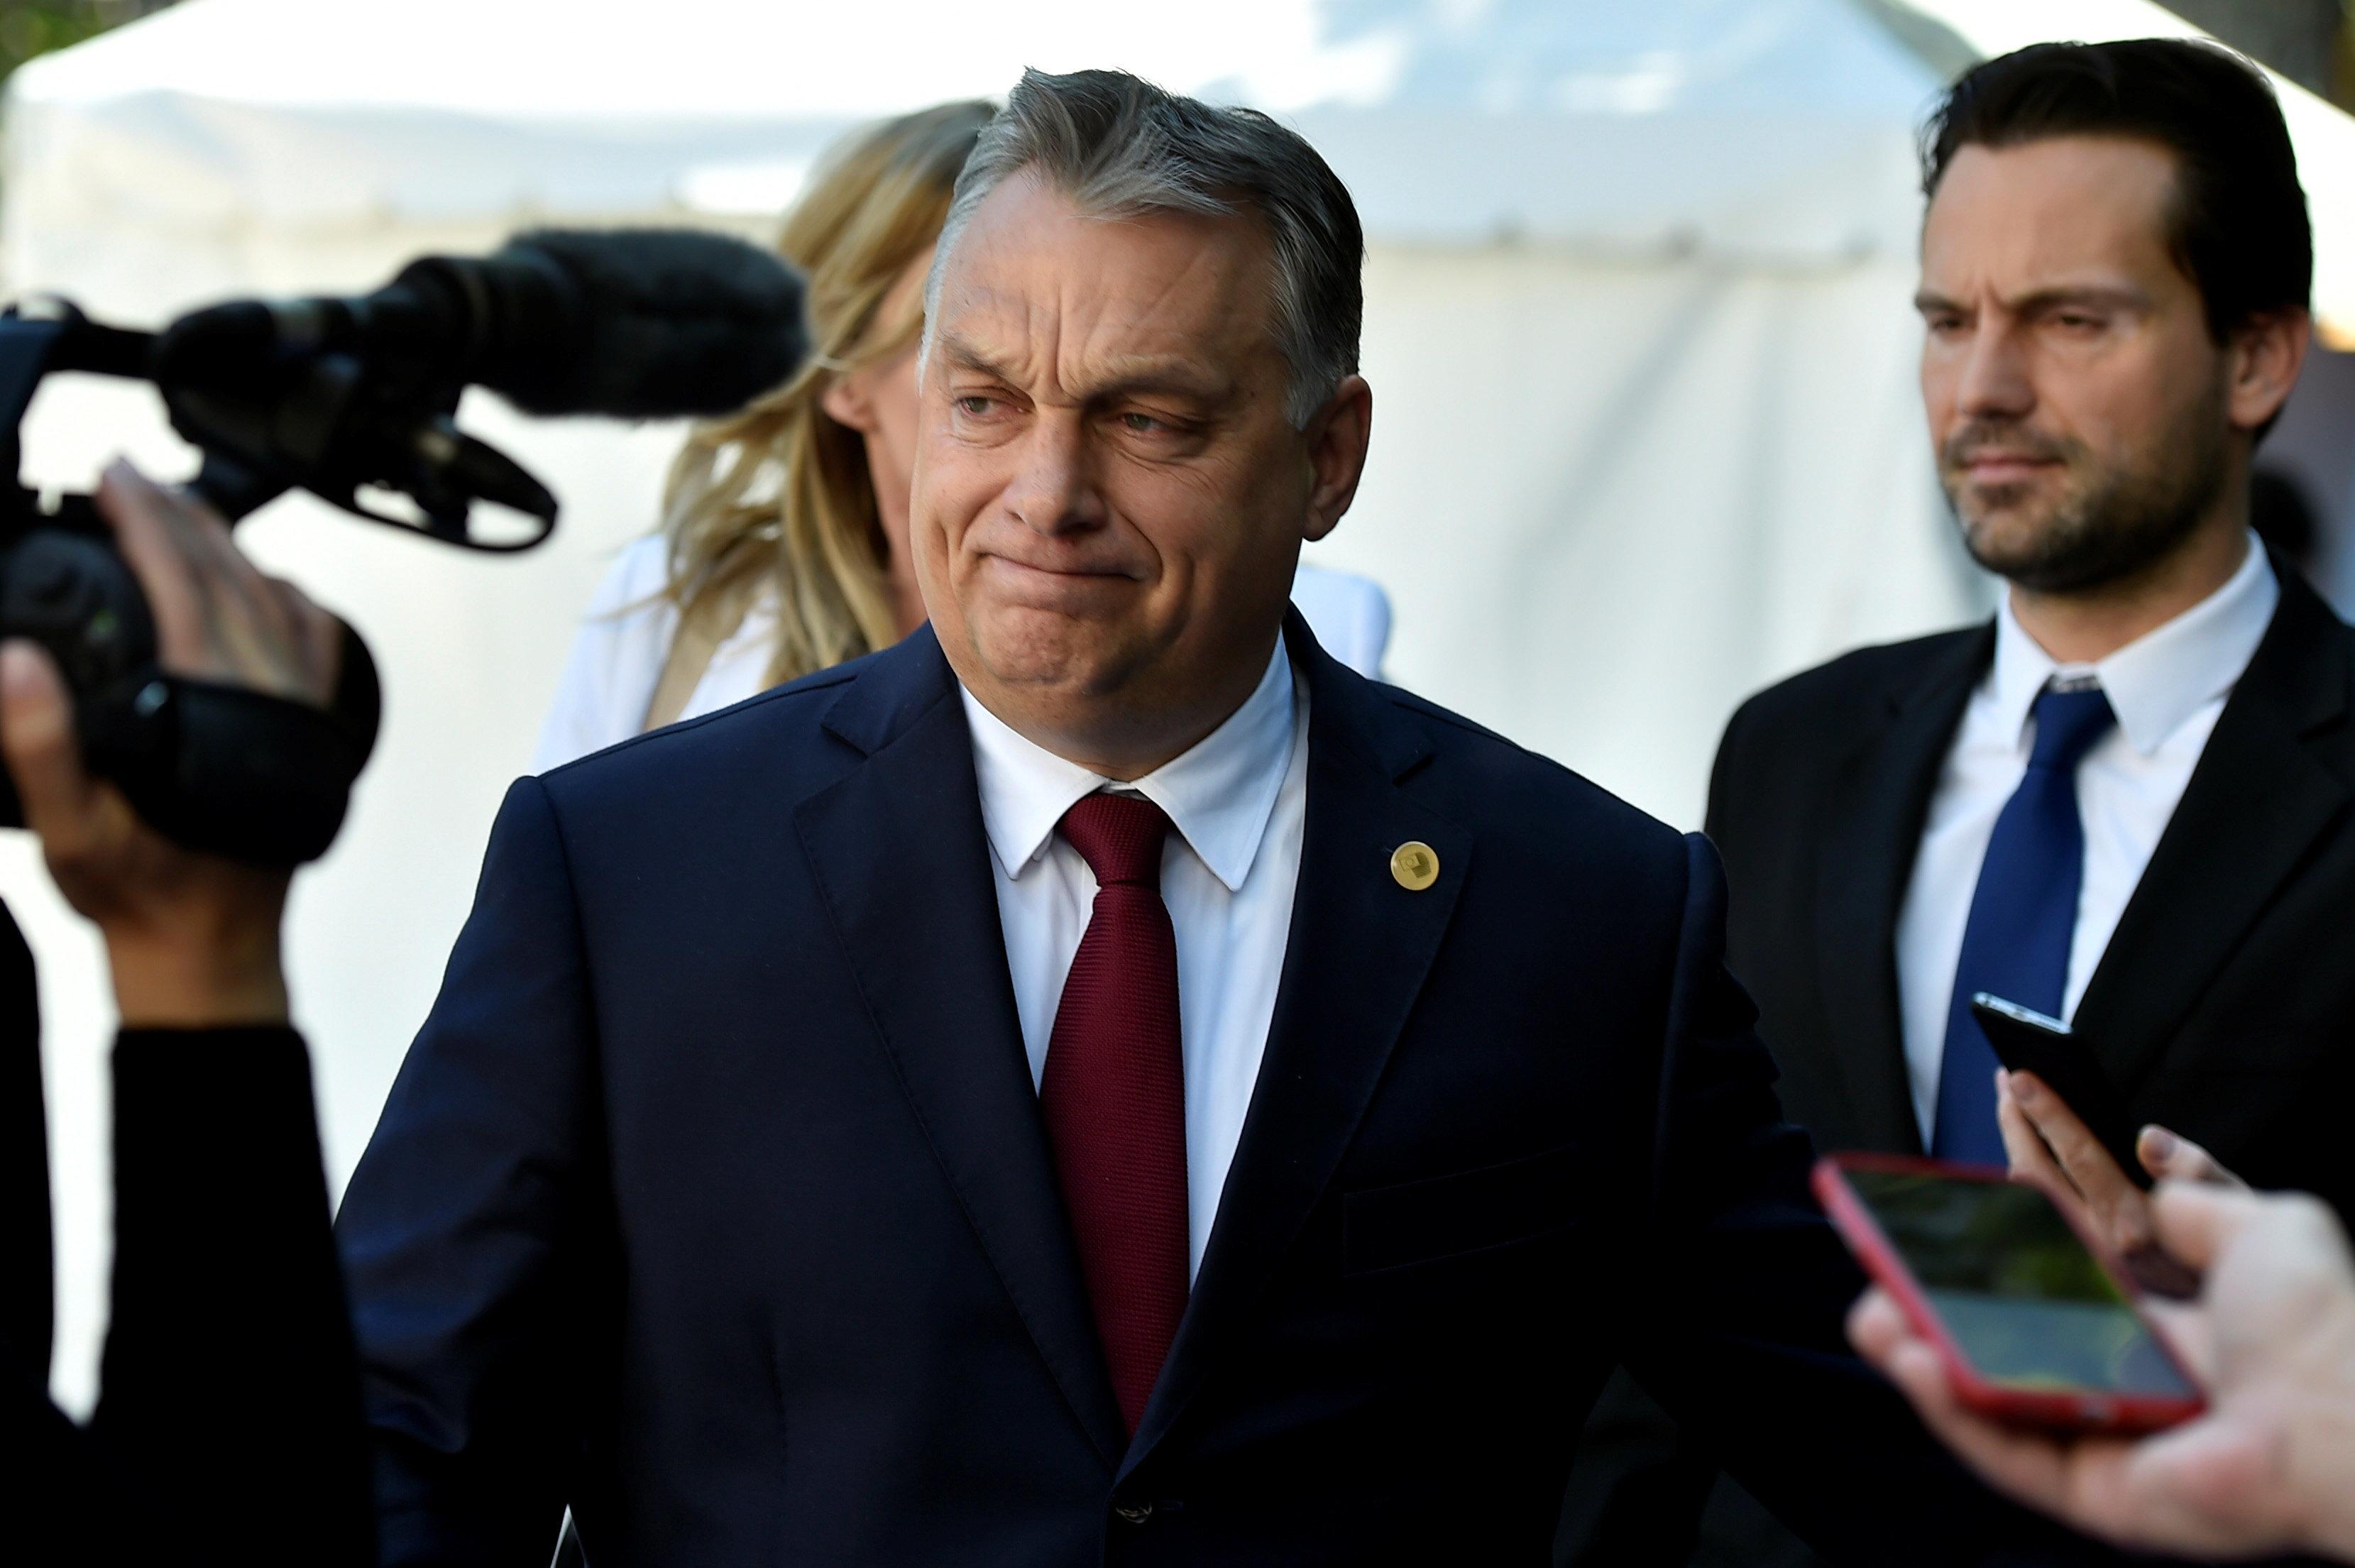 Ουγγαρία, ώρα μηδέν. Γιατί το Άρθρο 7 είναι το «πυρηνικό όπλο» της